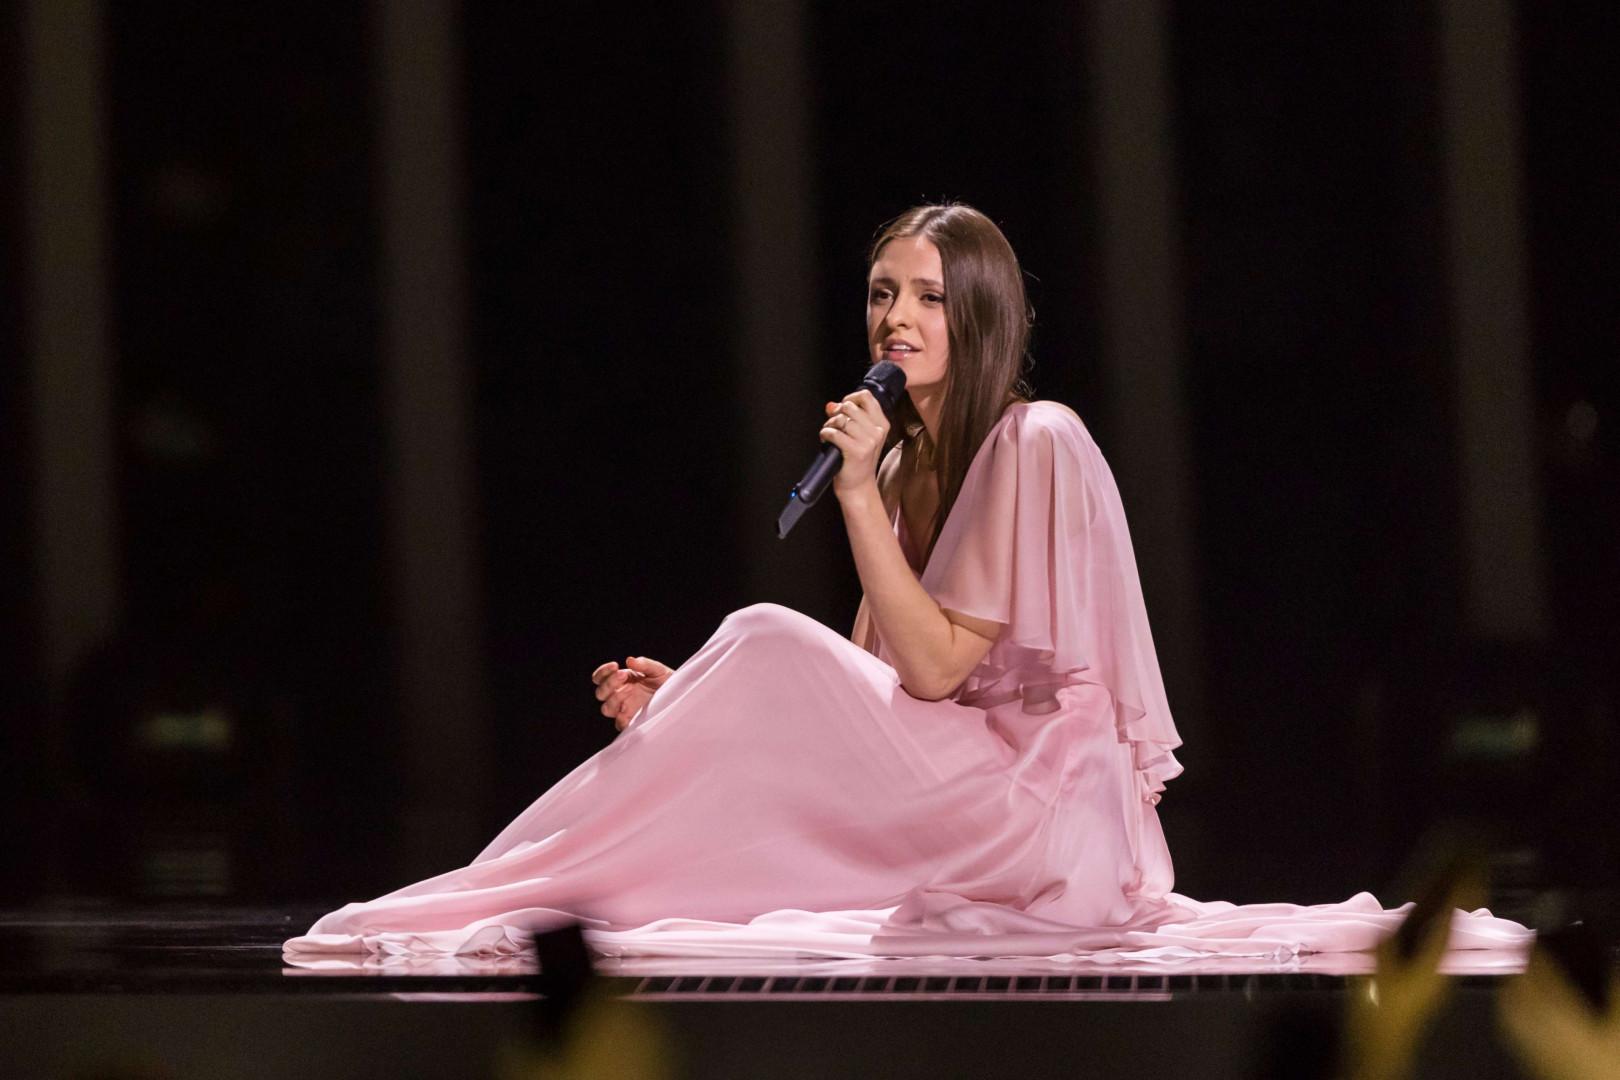 Ieva Zasimauskaite (Lituanie) est qualifiée pour la finale de l'Eurovision 2018